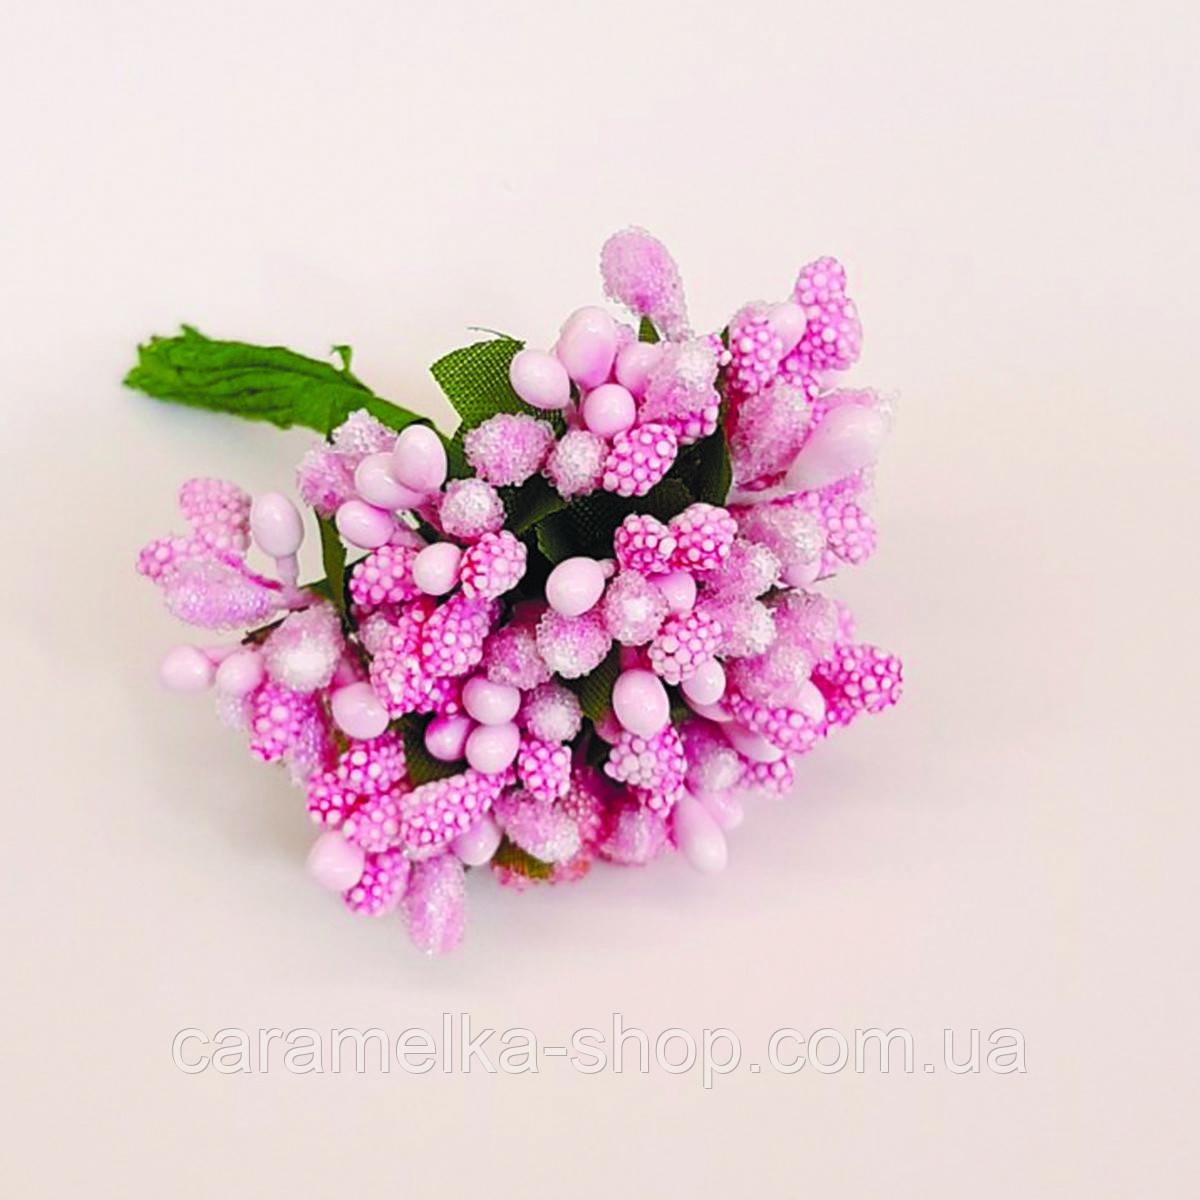 Тичинки рожеві